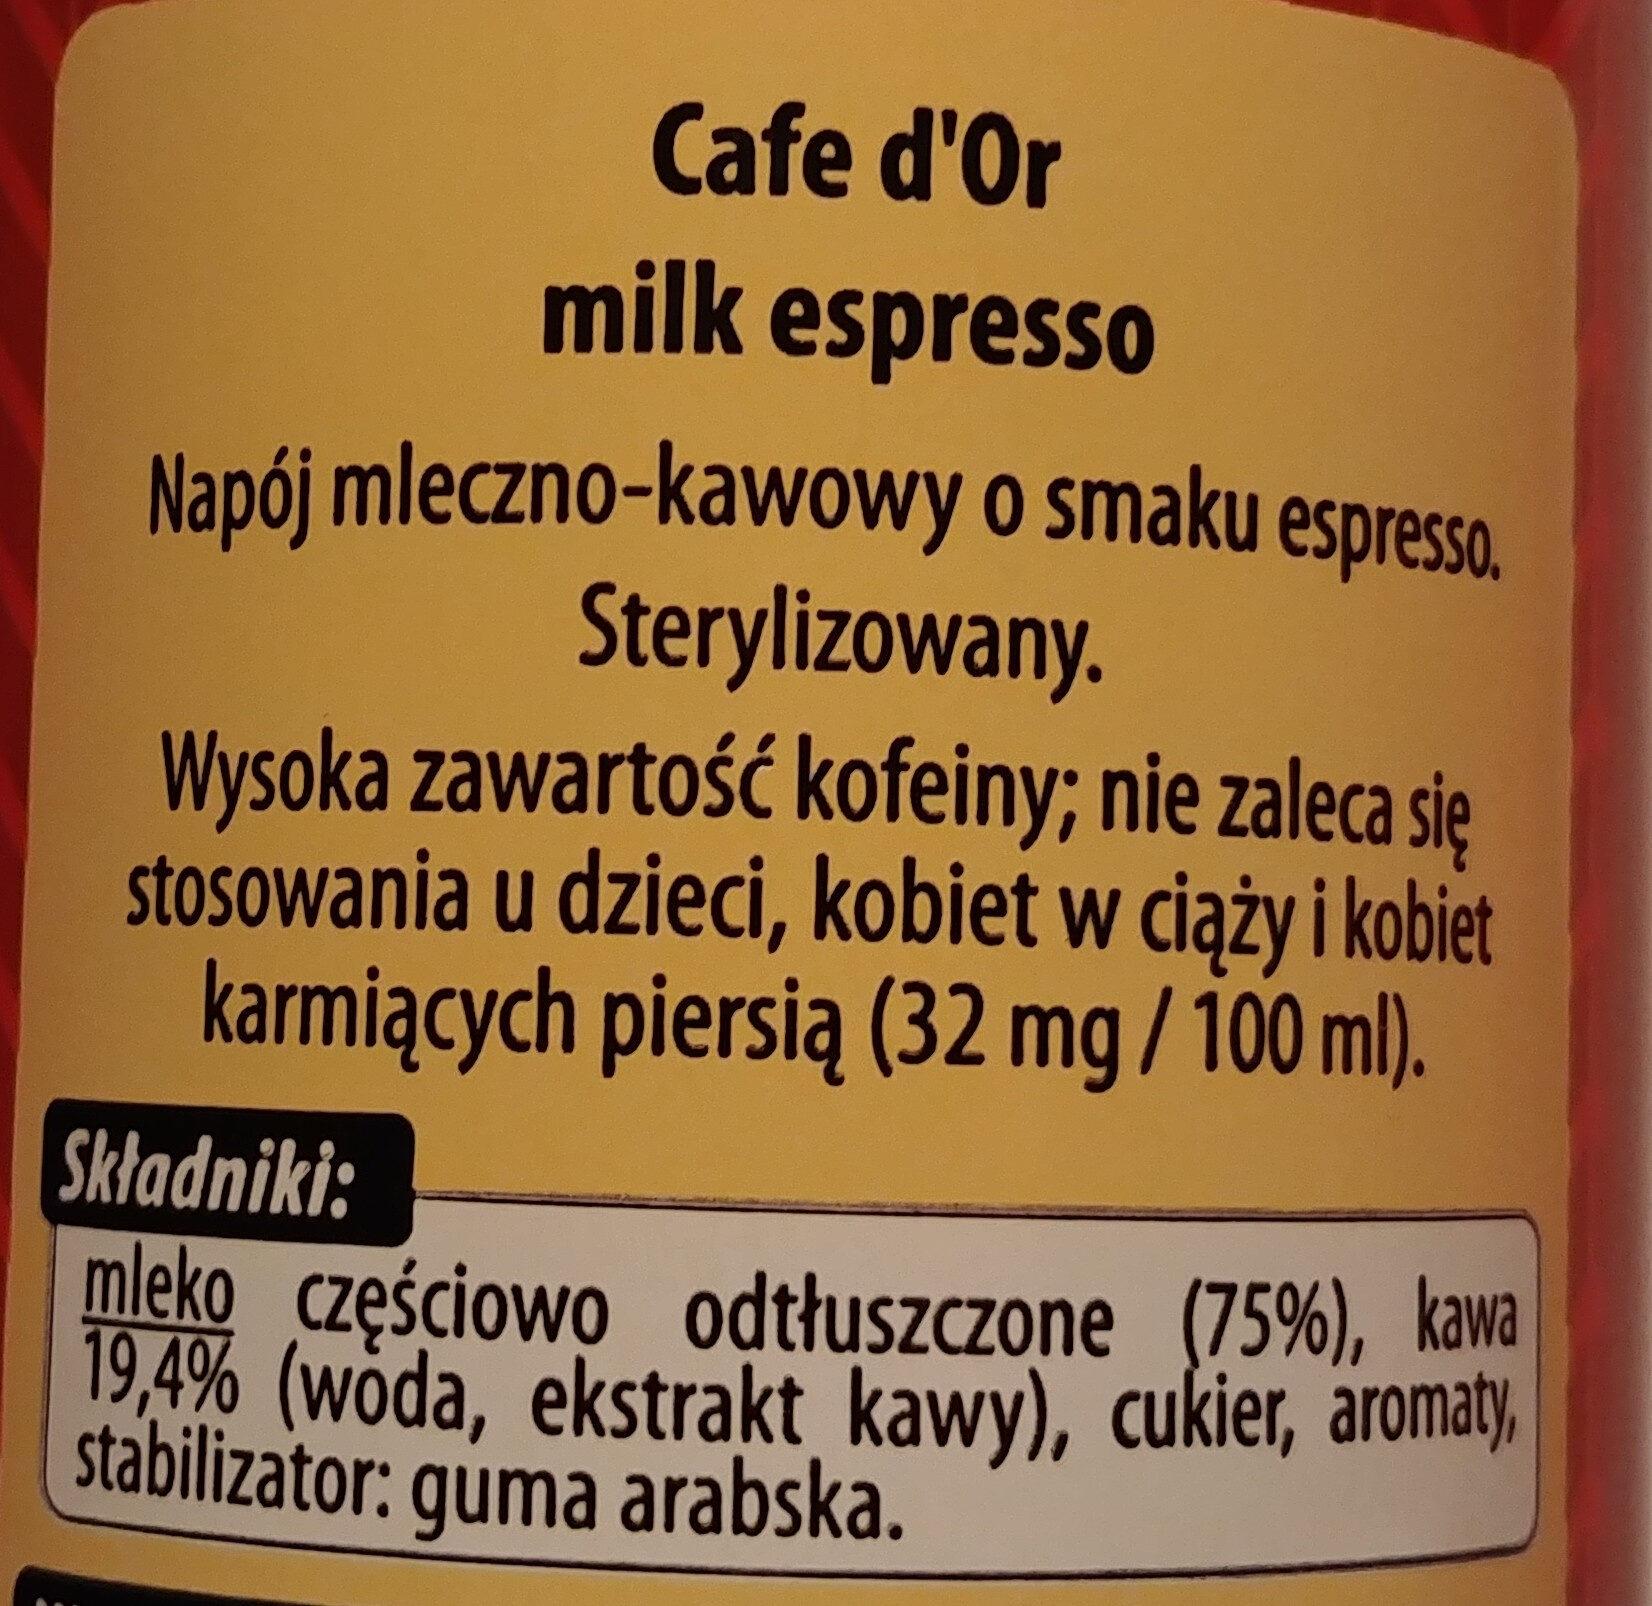 Napój mleczno-kawowy o smaku espresso. - Ingredients - pl